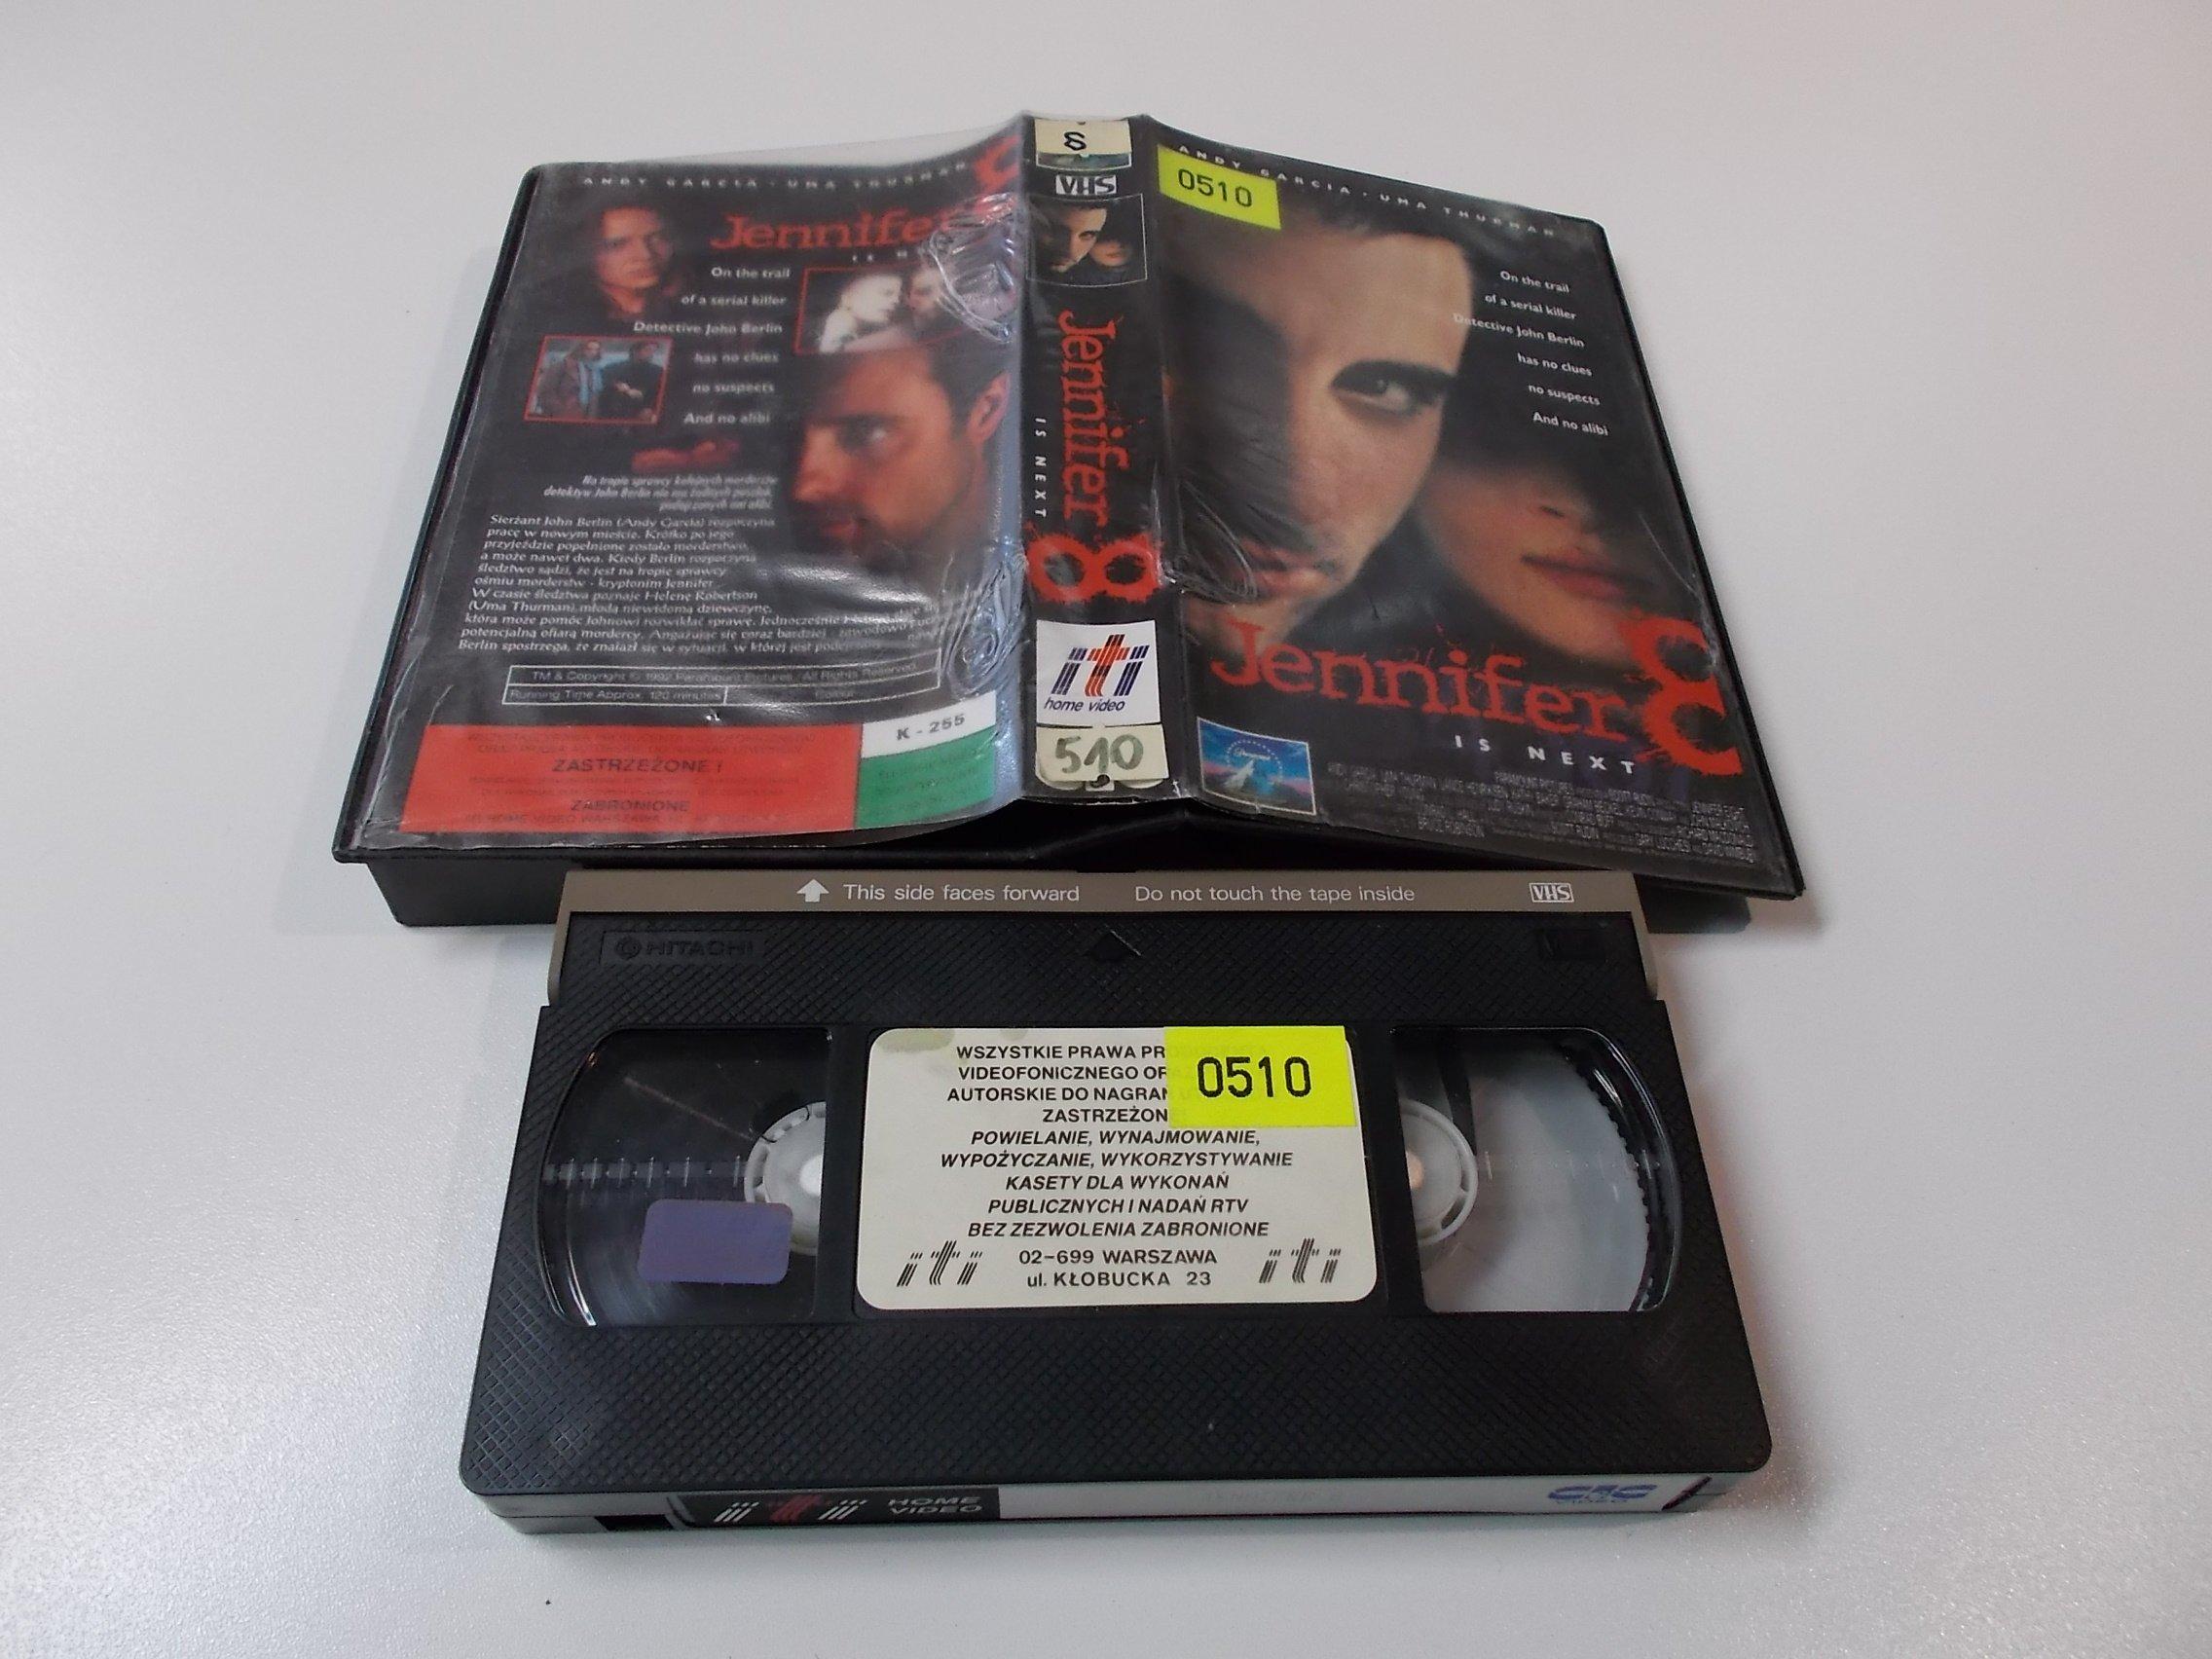 JENNIFER 8 - Kaseta Video VHS - Opole 1505